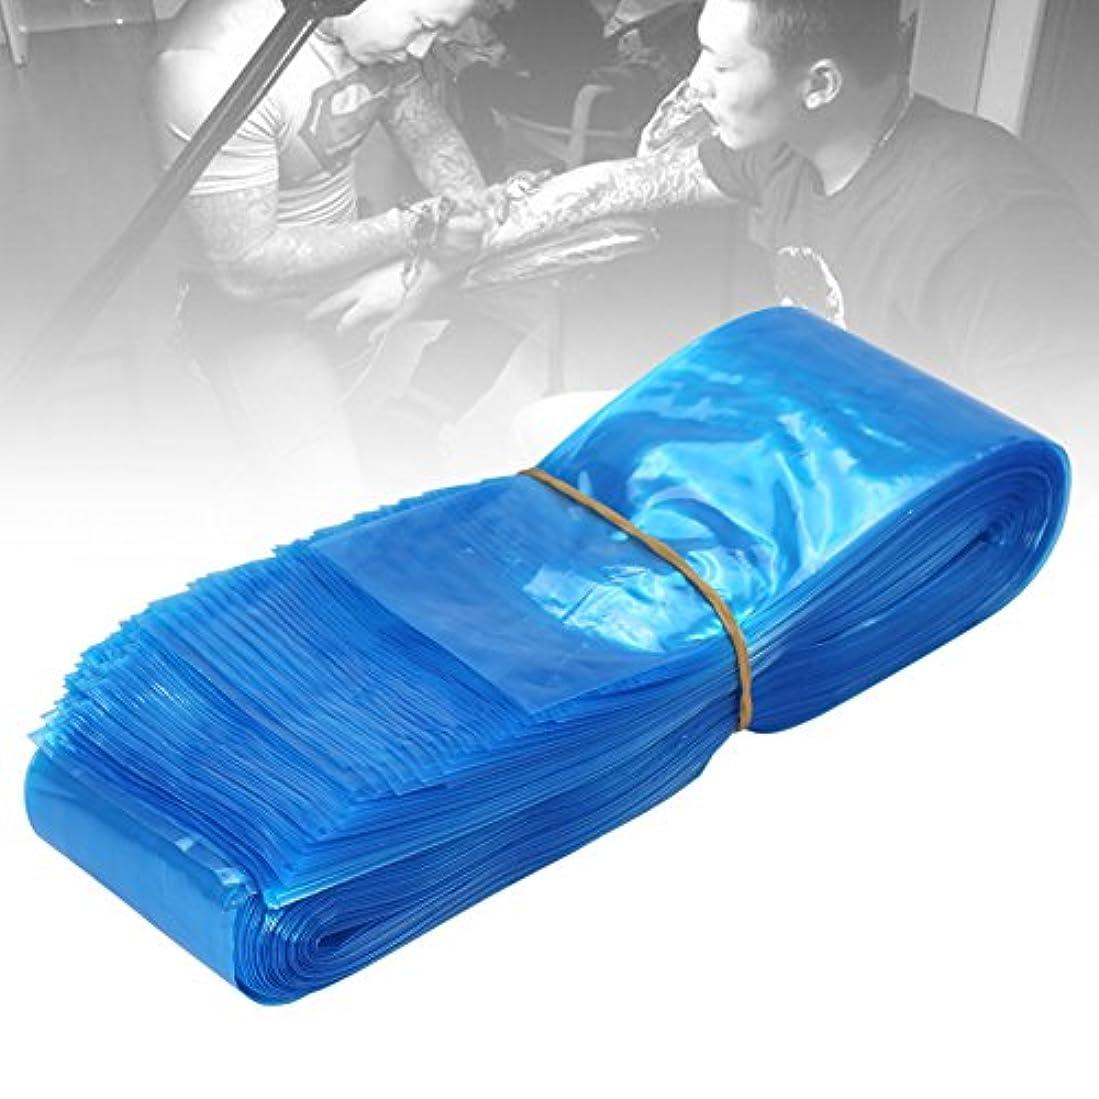 前書き恐れエスカレート100ピース使い捨てプラスチックブルー医療衛生タトゥーマシンクリップコードフックスリーブカバーバッグ